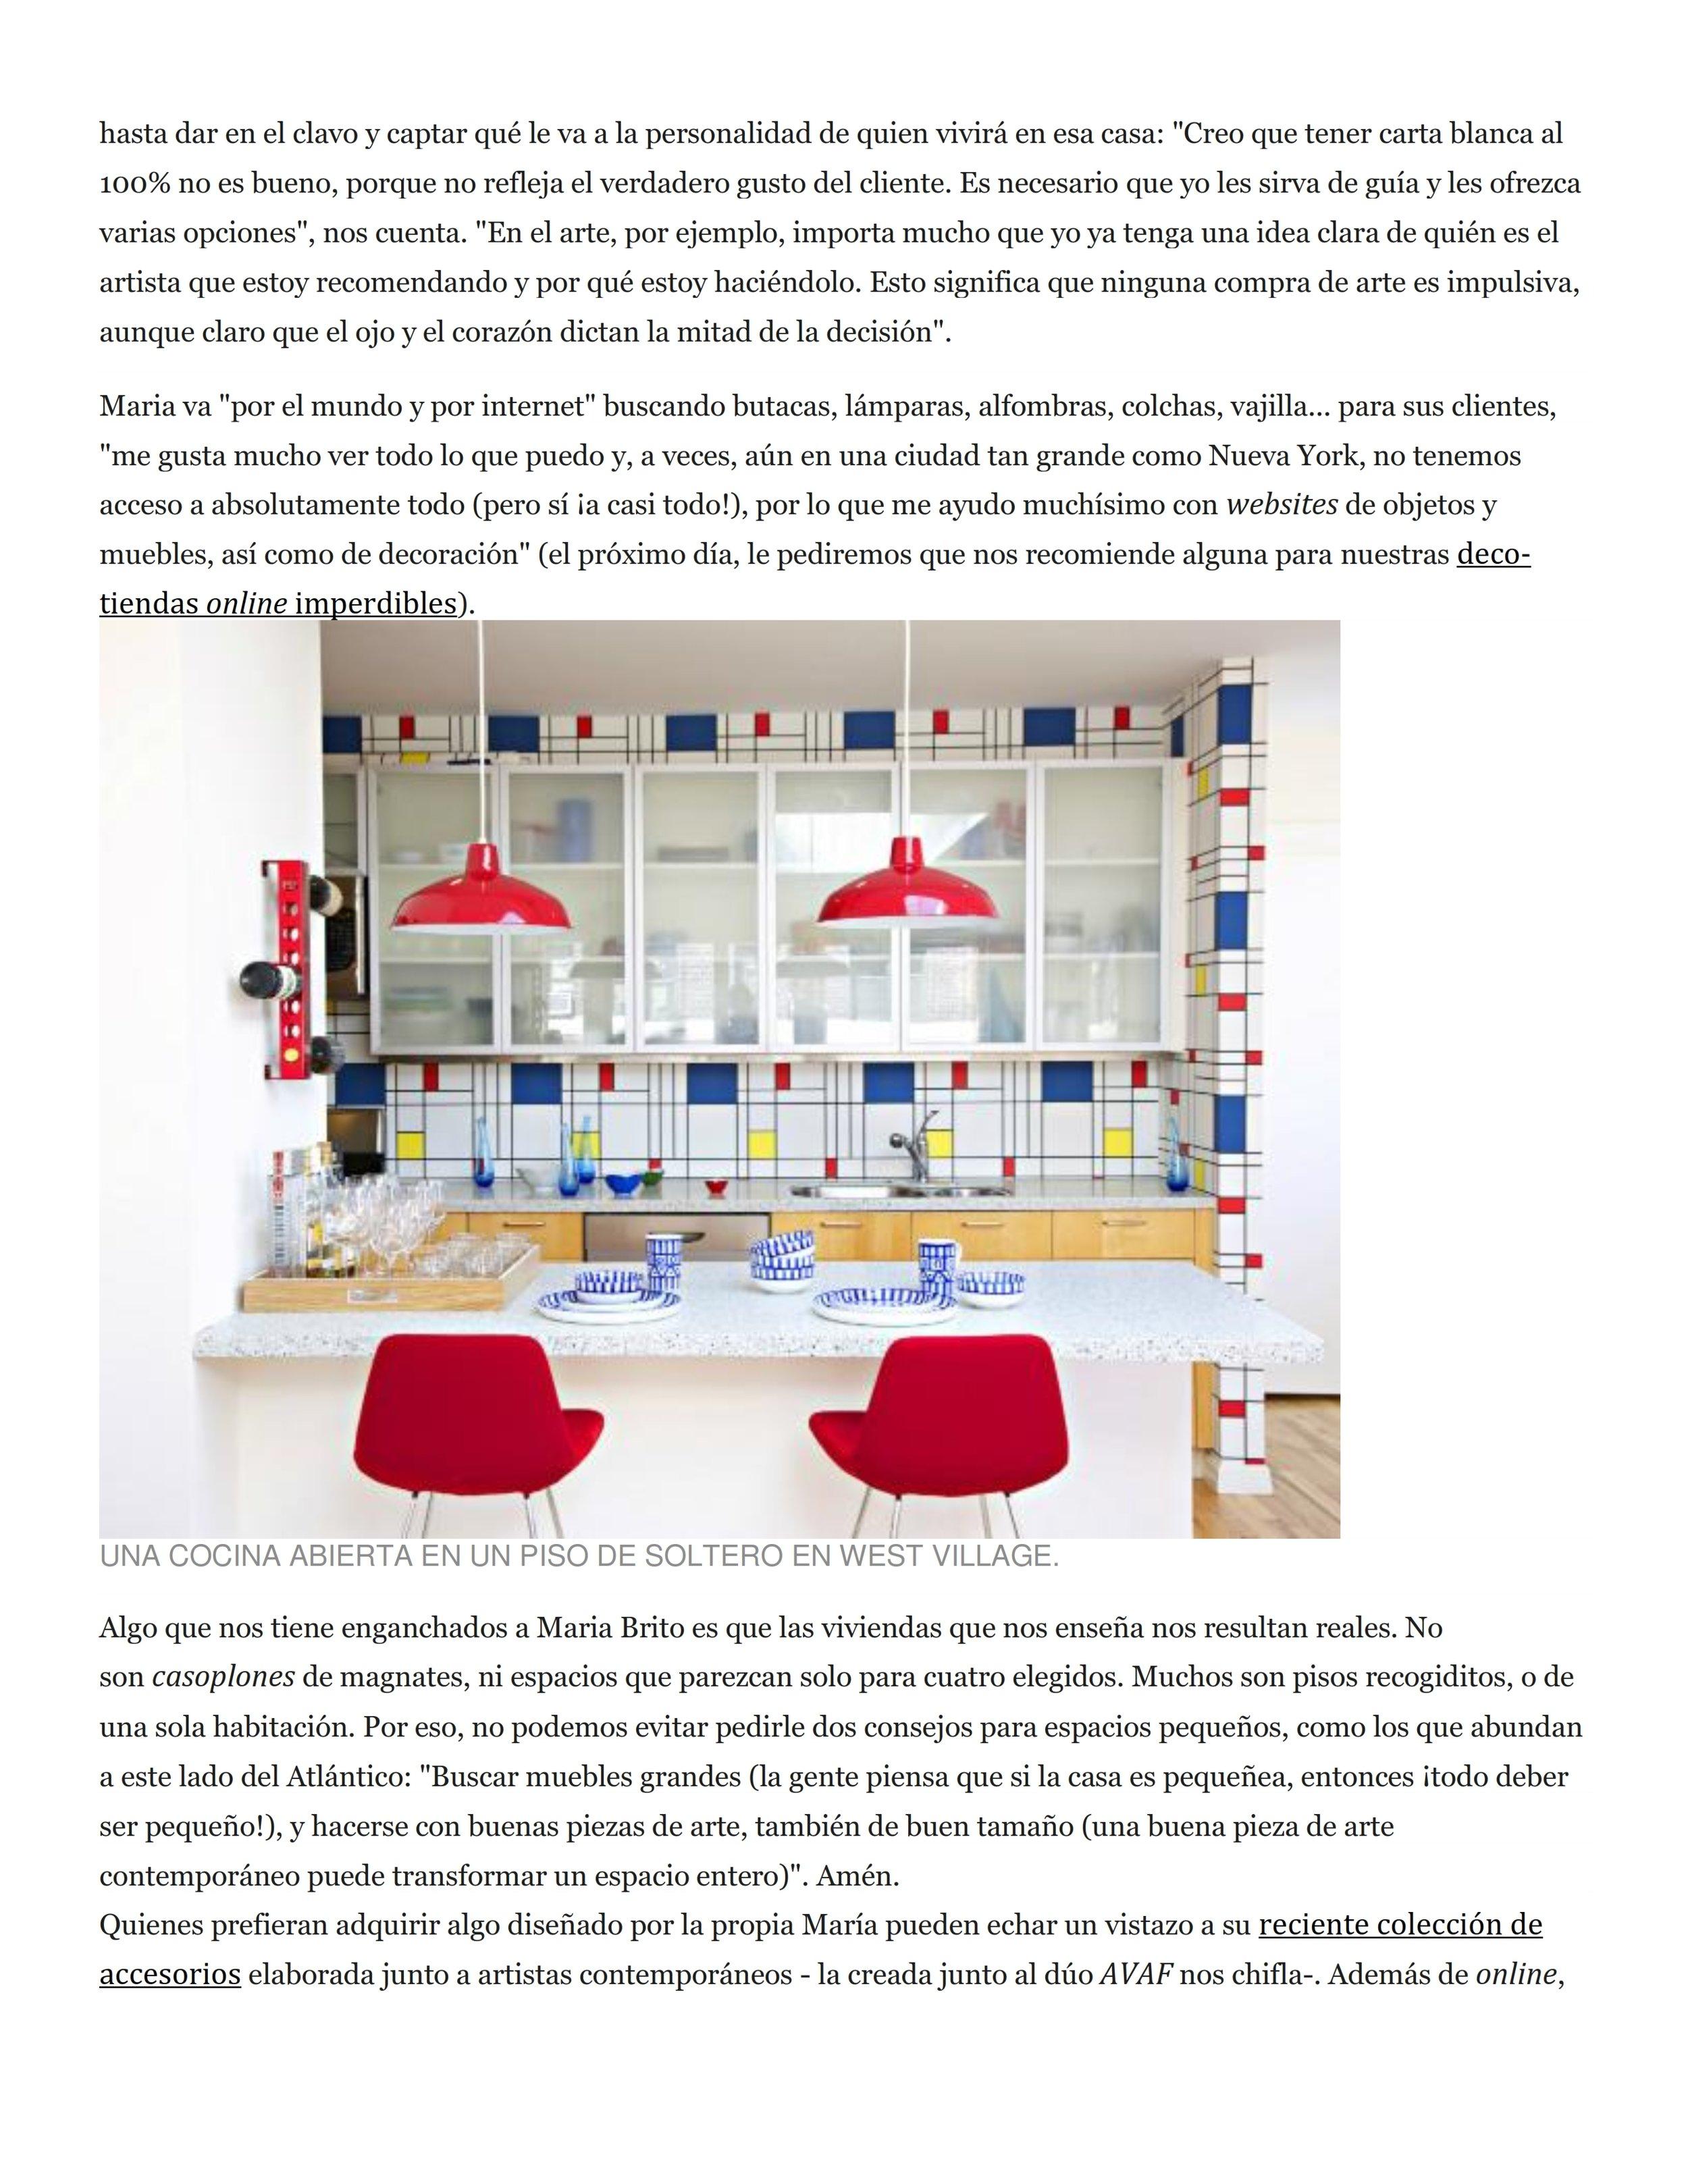 AD-Spain_004.jpg